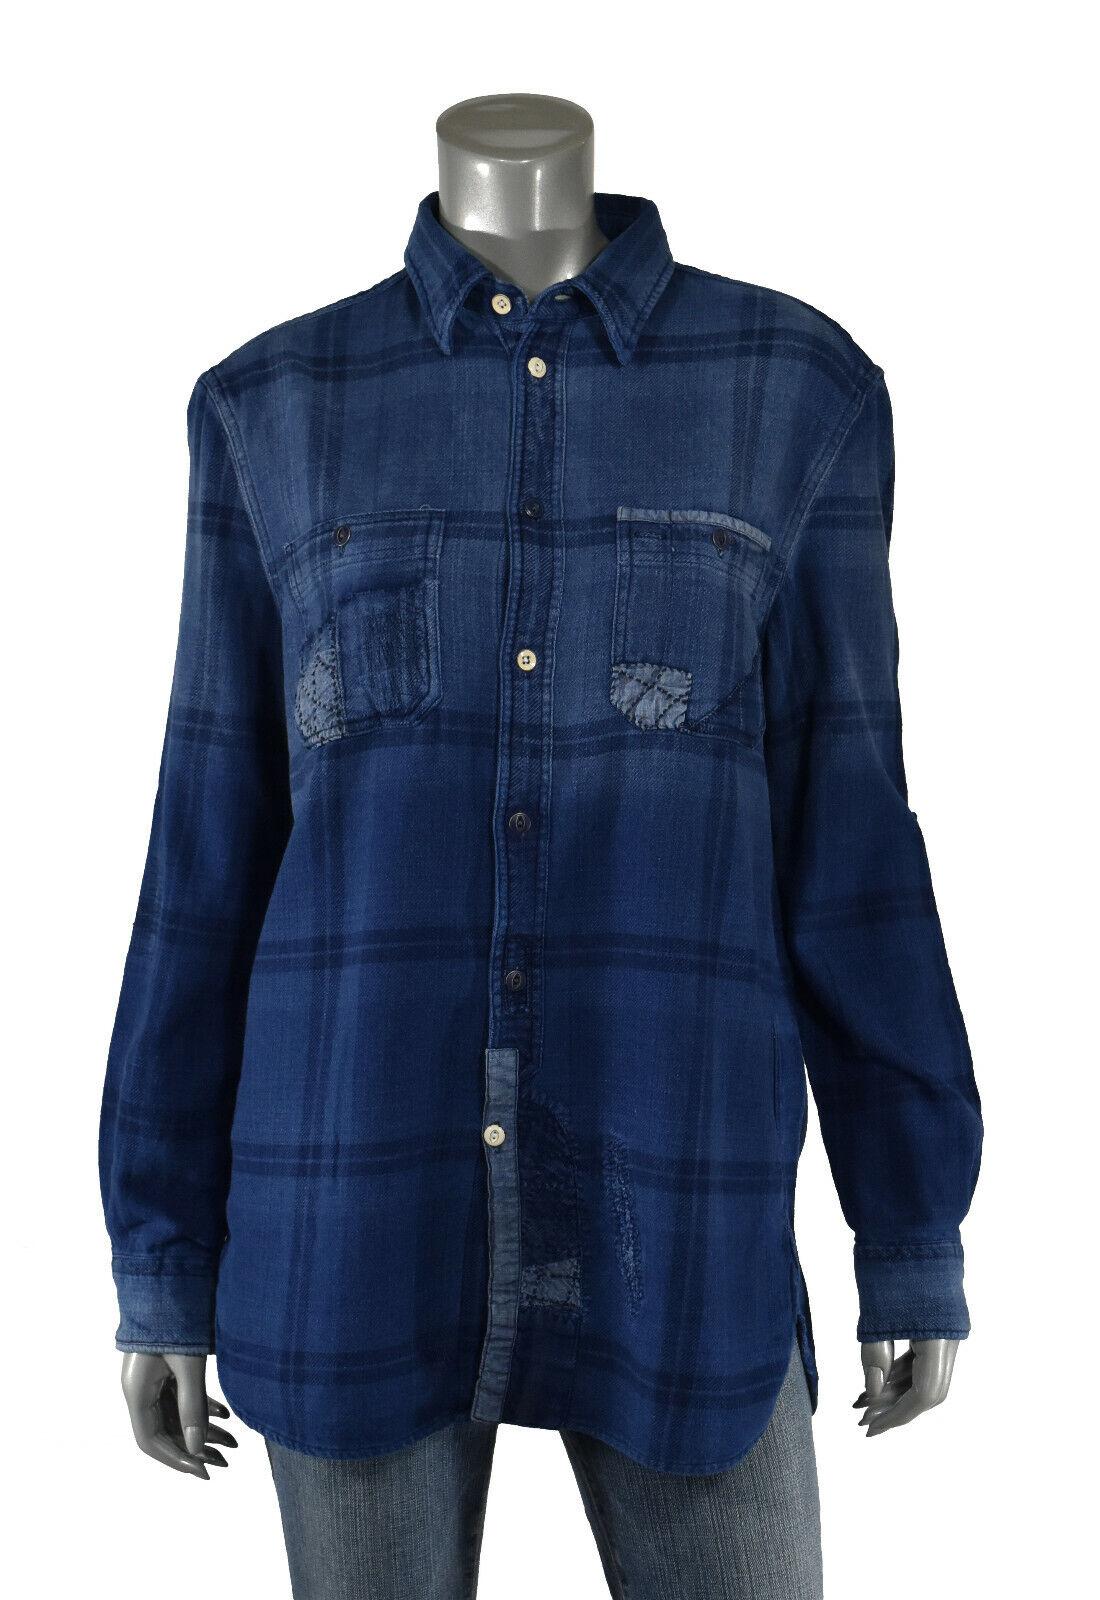 Woherren Ralph Lauren Polo Relaxed Fit Repairot Patchwork Flannel Shirt New